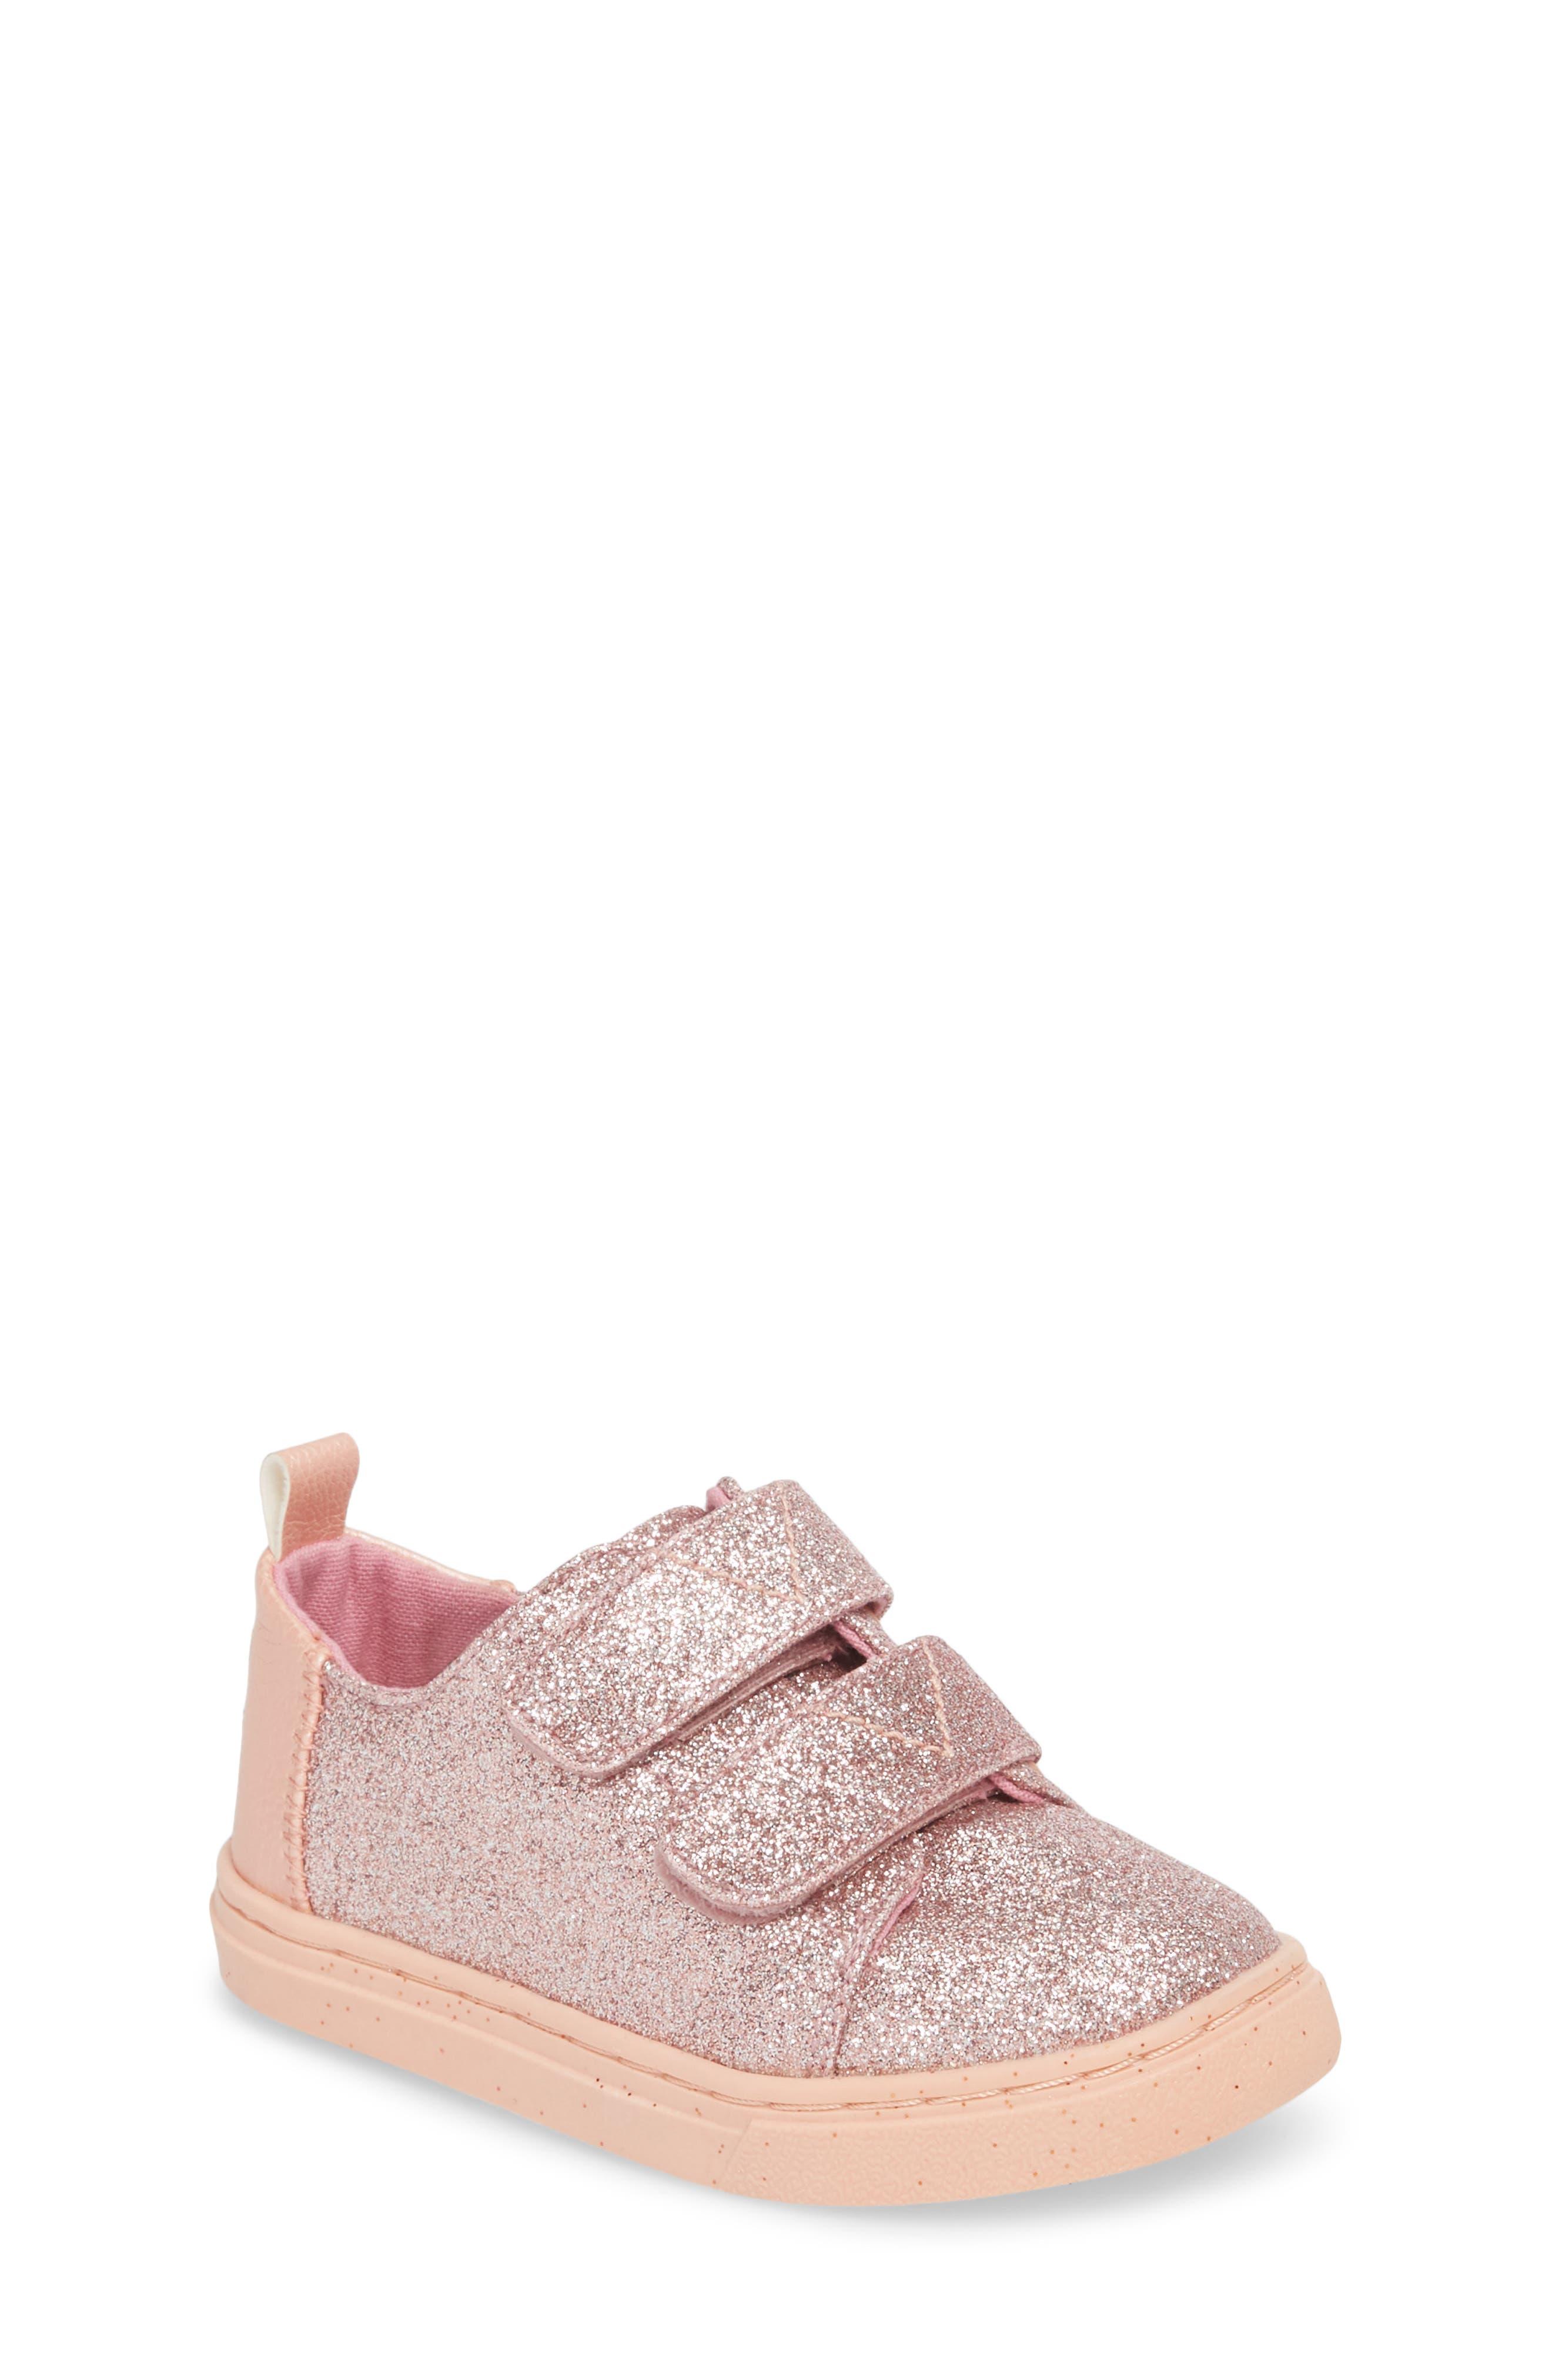 Lenny Metallic Glitter Sneaker,                             Main thumbnail 1, color,                             ROSE GOLD GLITTER